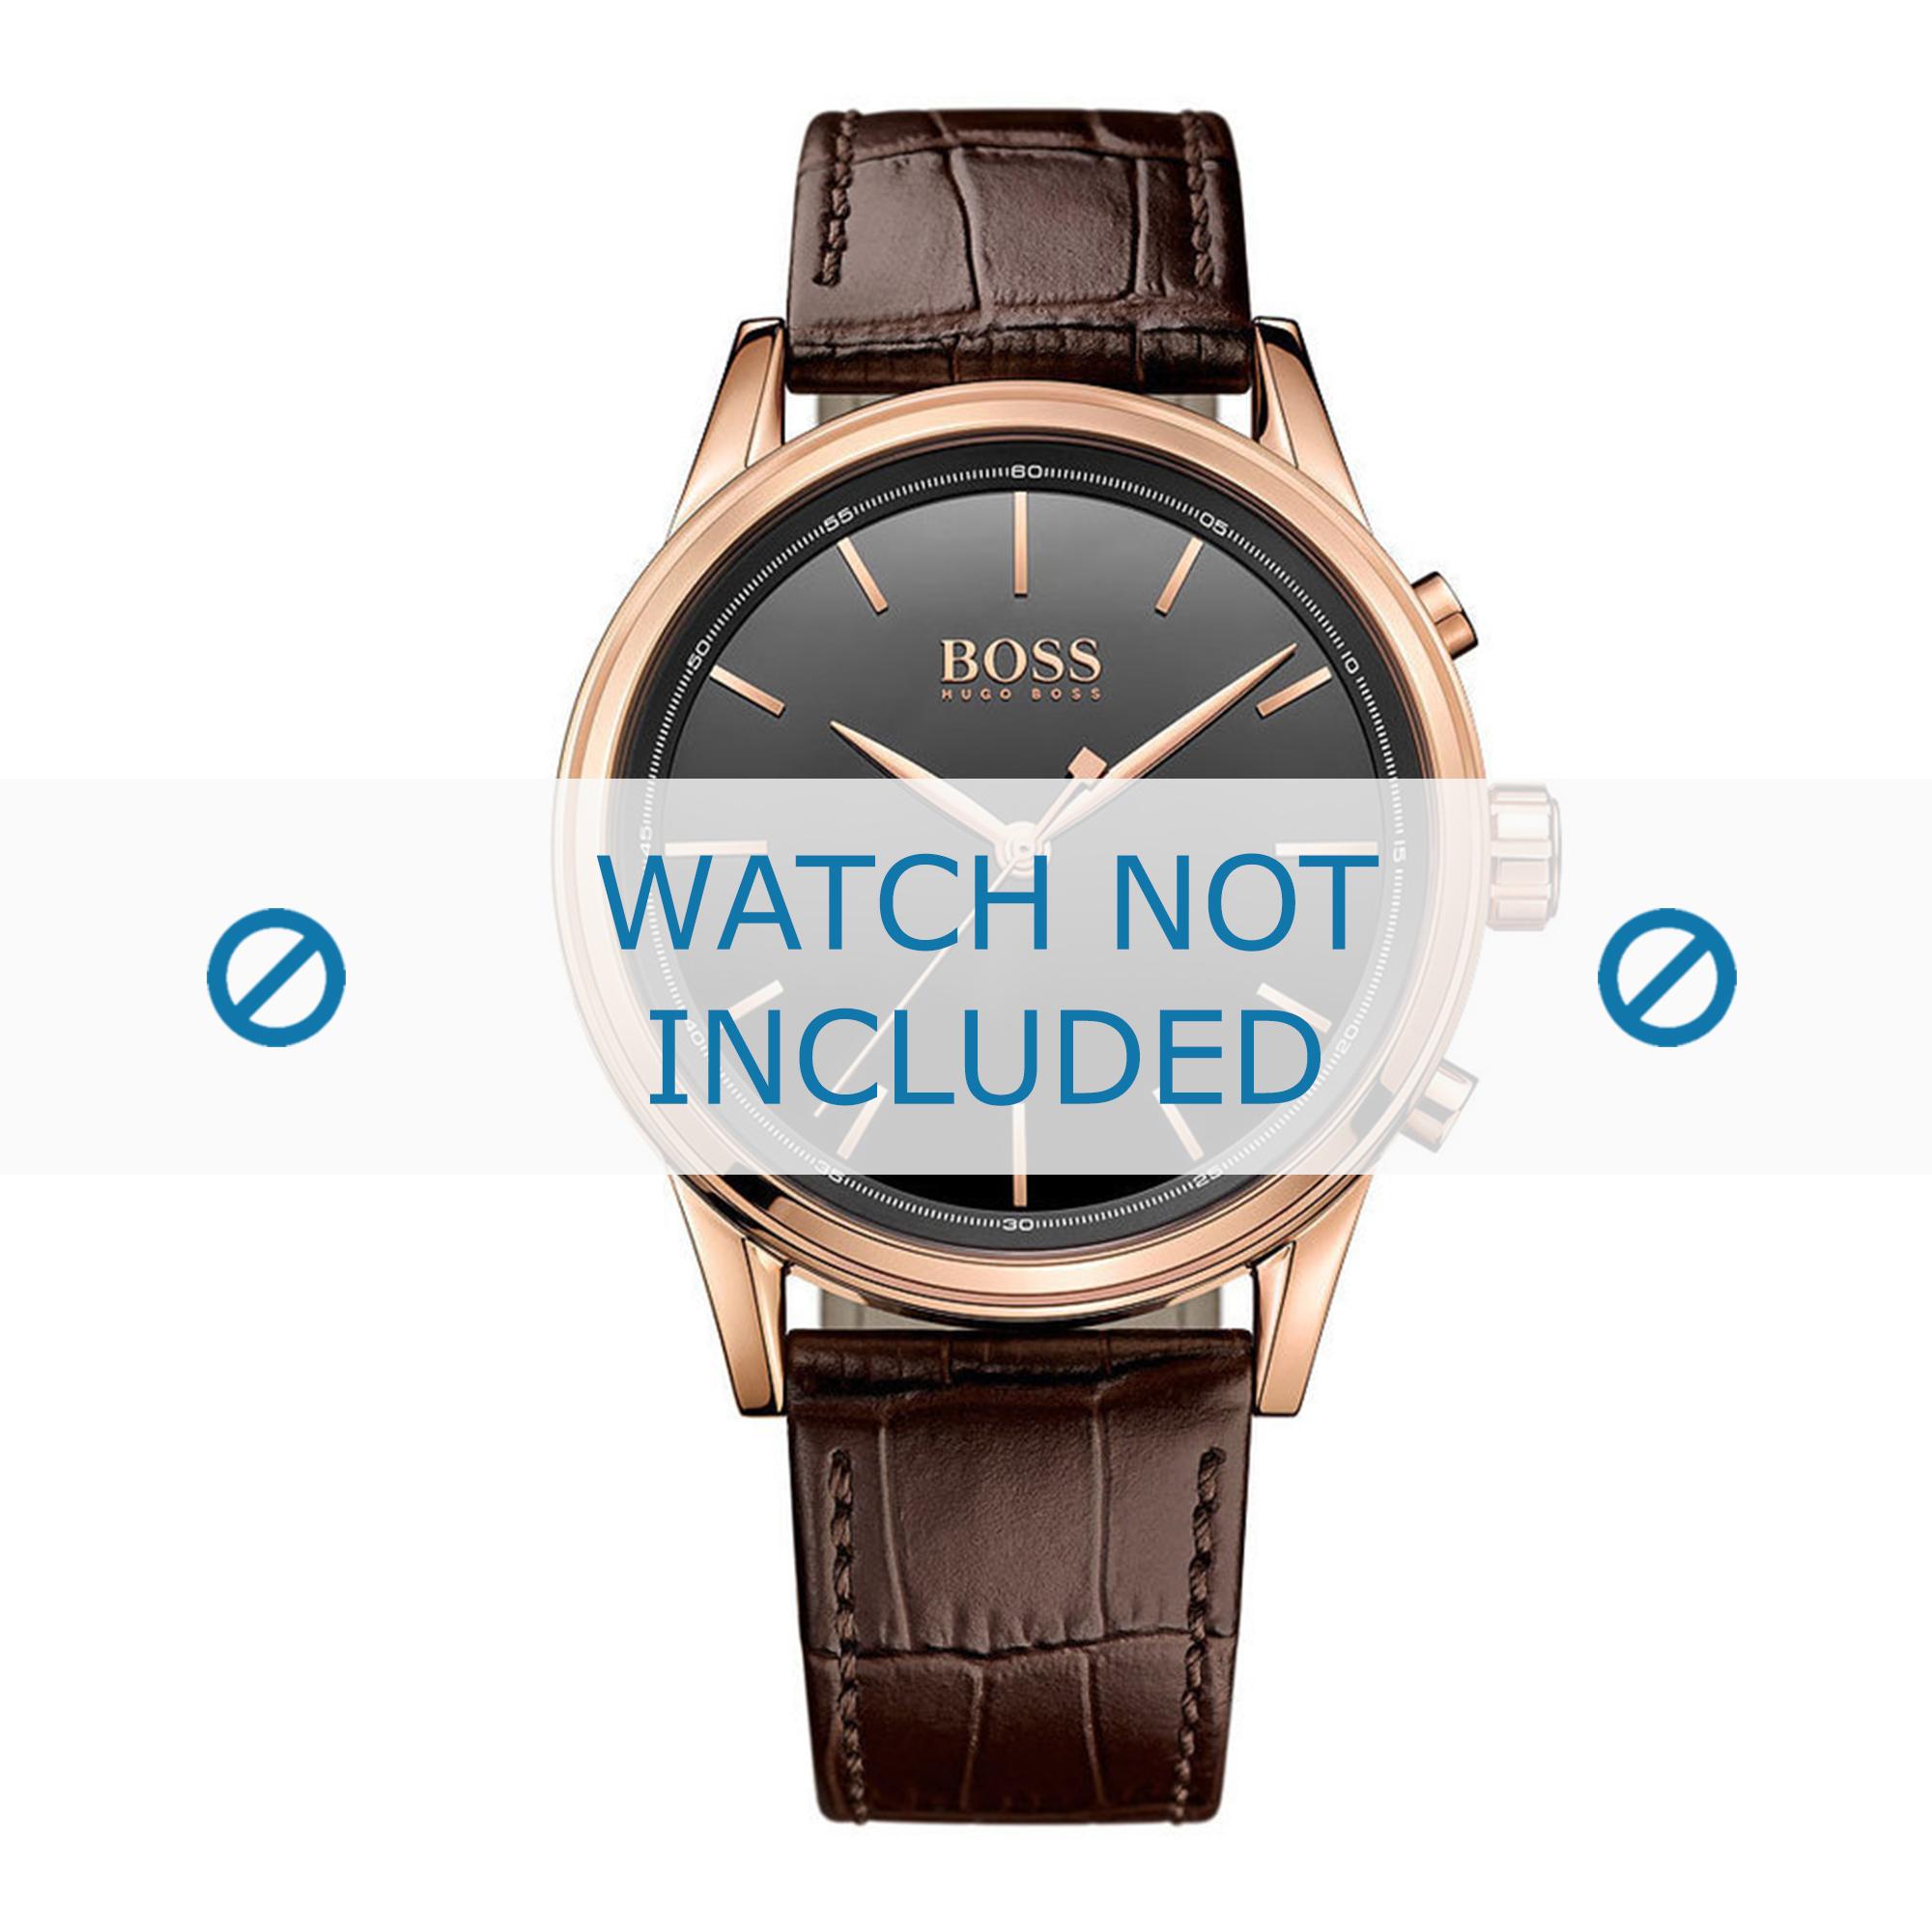 Hugo Boss horlogeband HB-295-1-34-2949-HB1513451 Croco leder Bruin + bruin stiksel